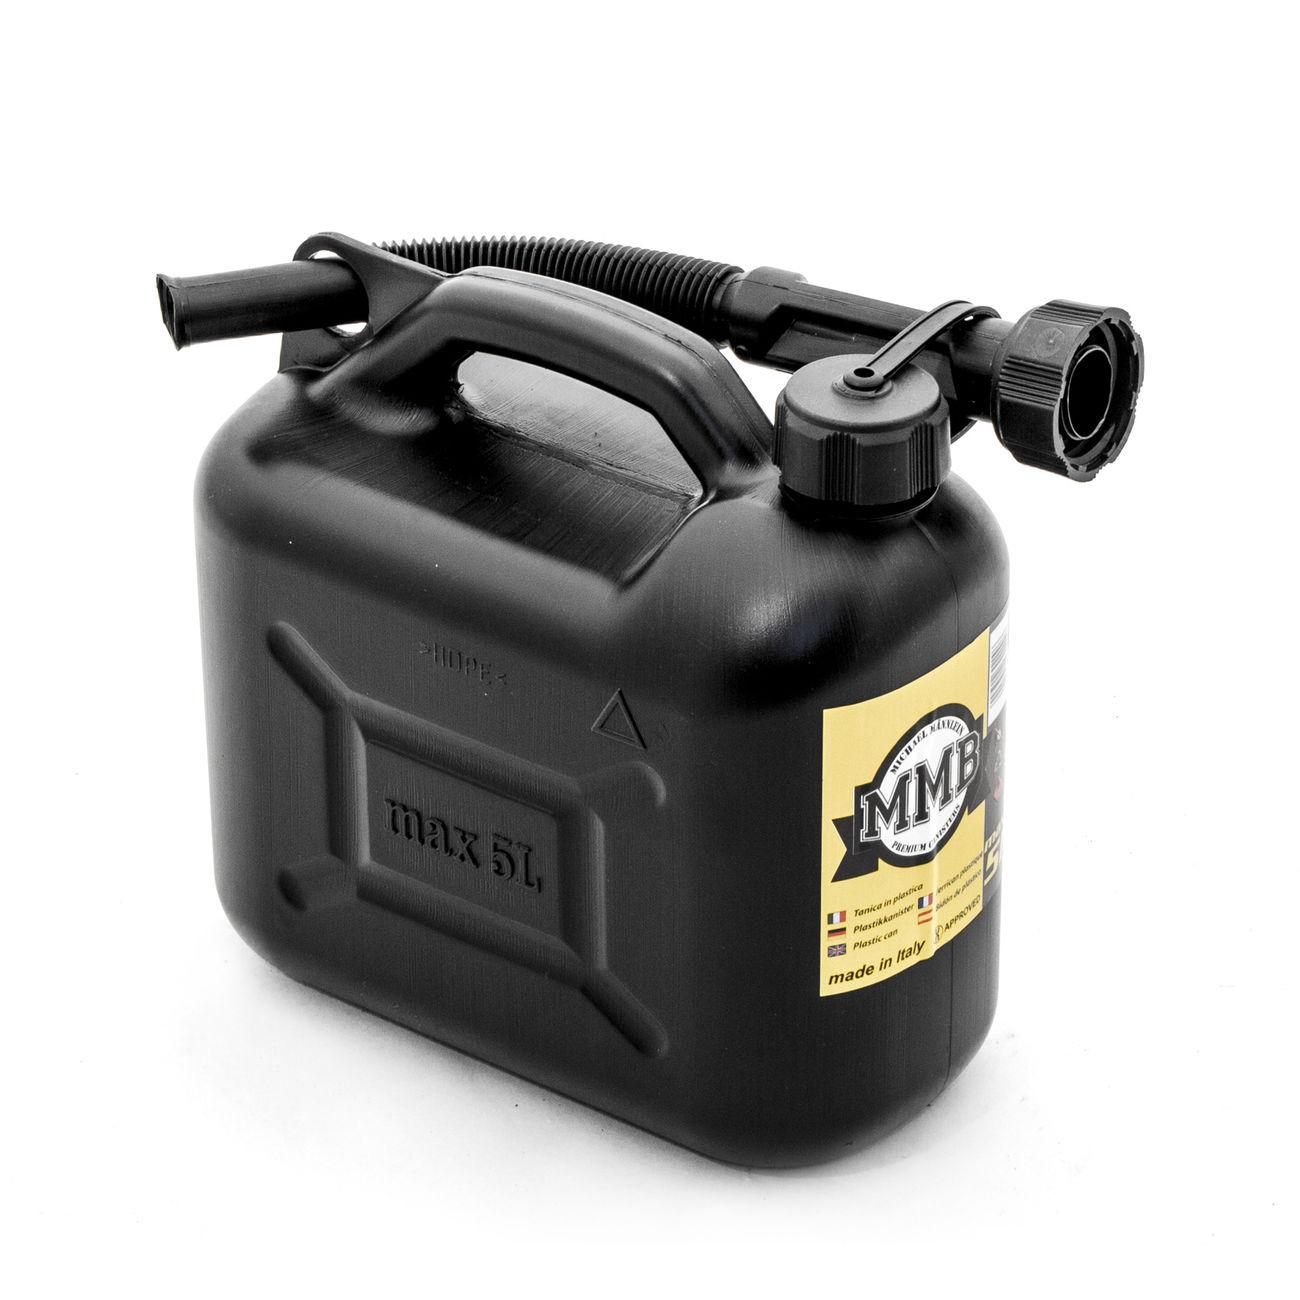 mmb benzinkanister kunststoff 5 liter schwarz kotte zeller. Black Bedroom Furniture Sets. Home Design Ideas